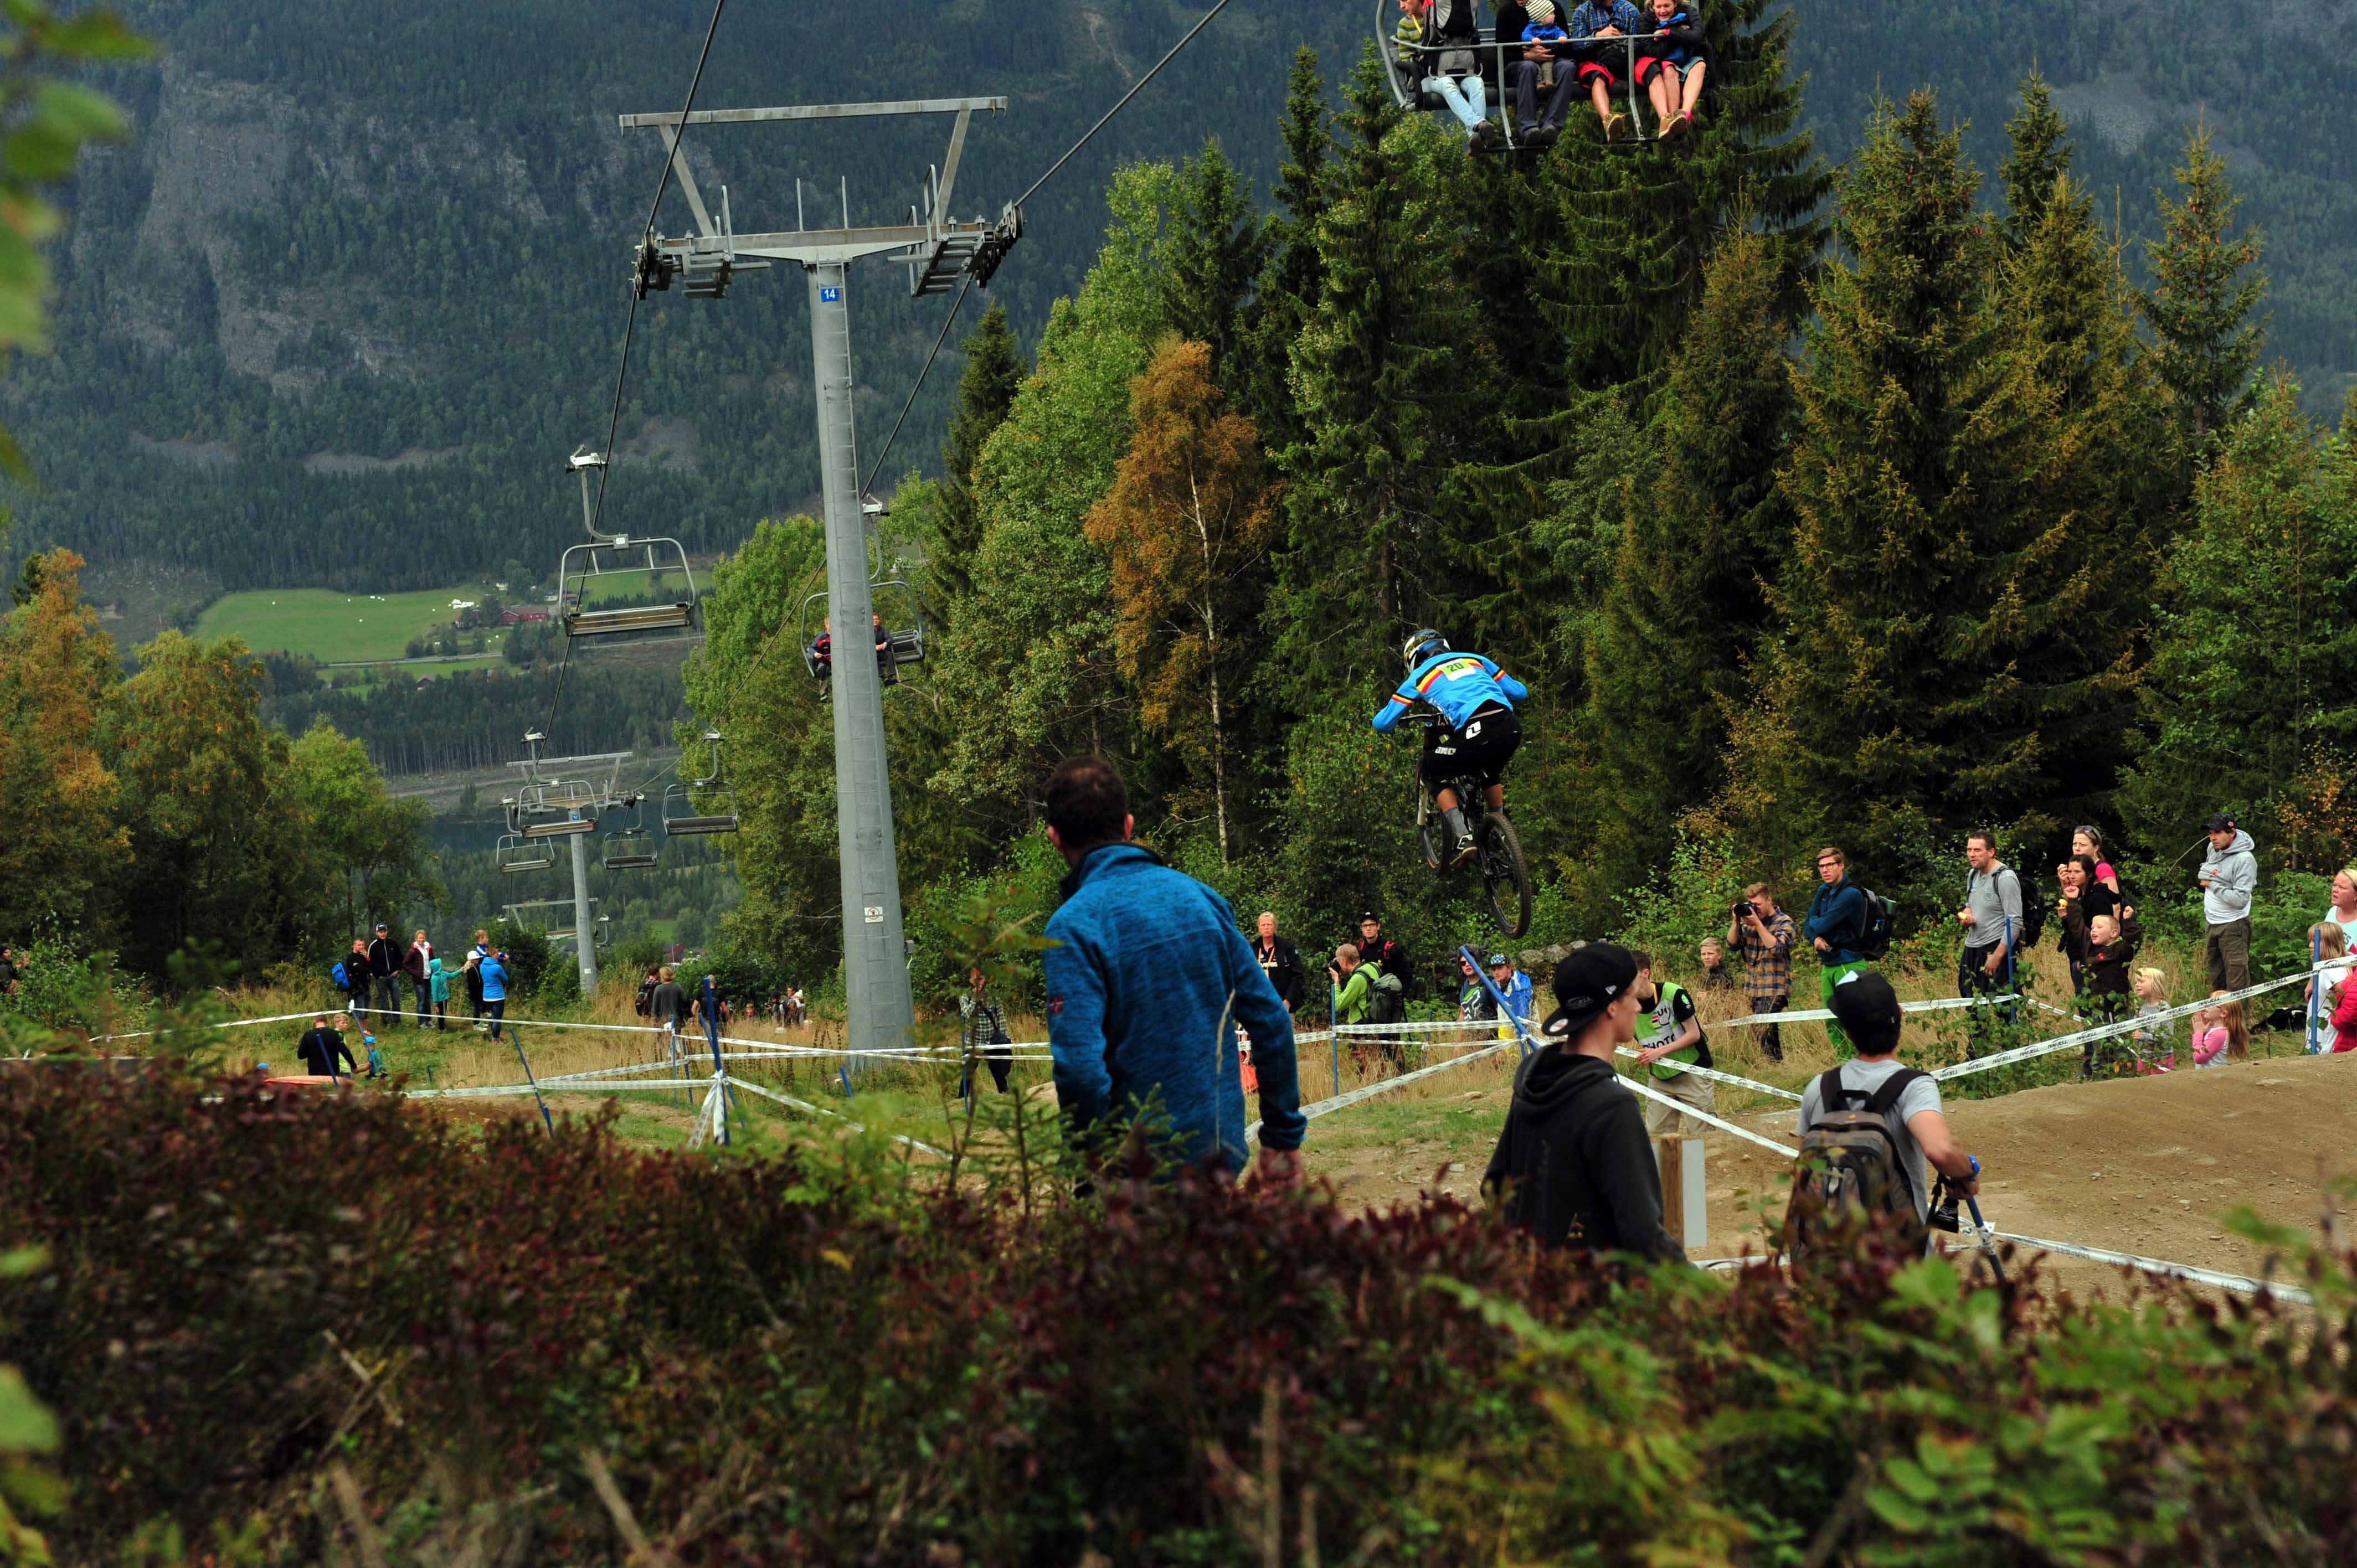 Auch bei den Junioren war schon zahlreich Publikum an der Strecke - hier springt Belgiens Martin Maes das Roadgap.